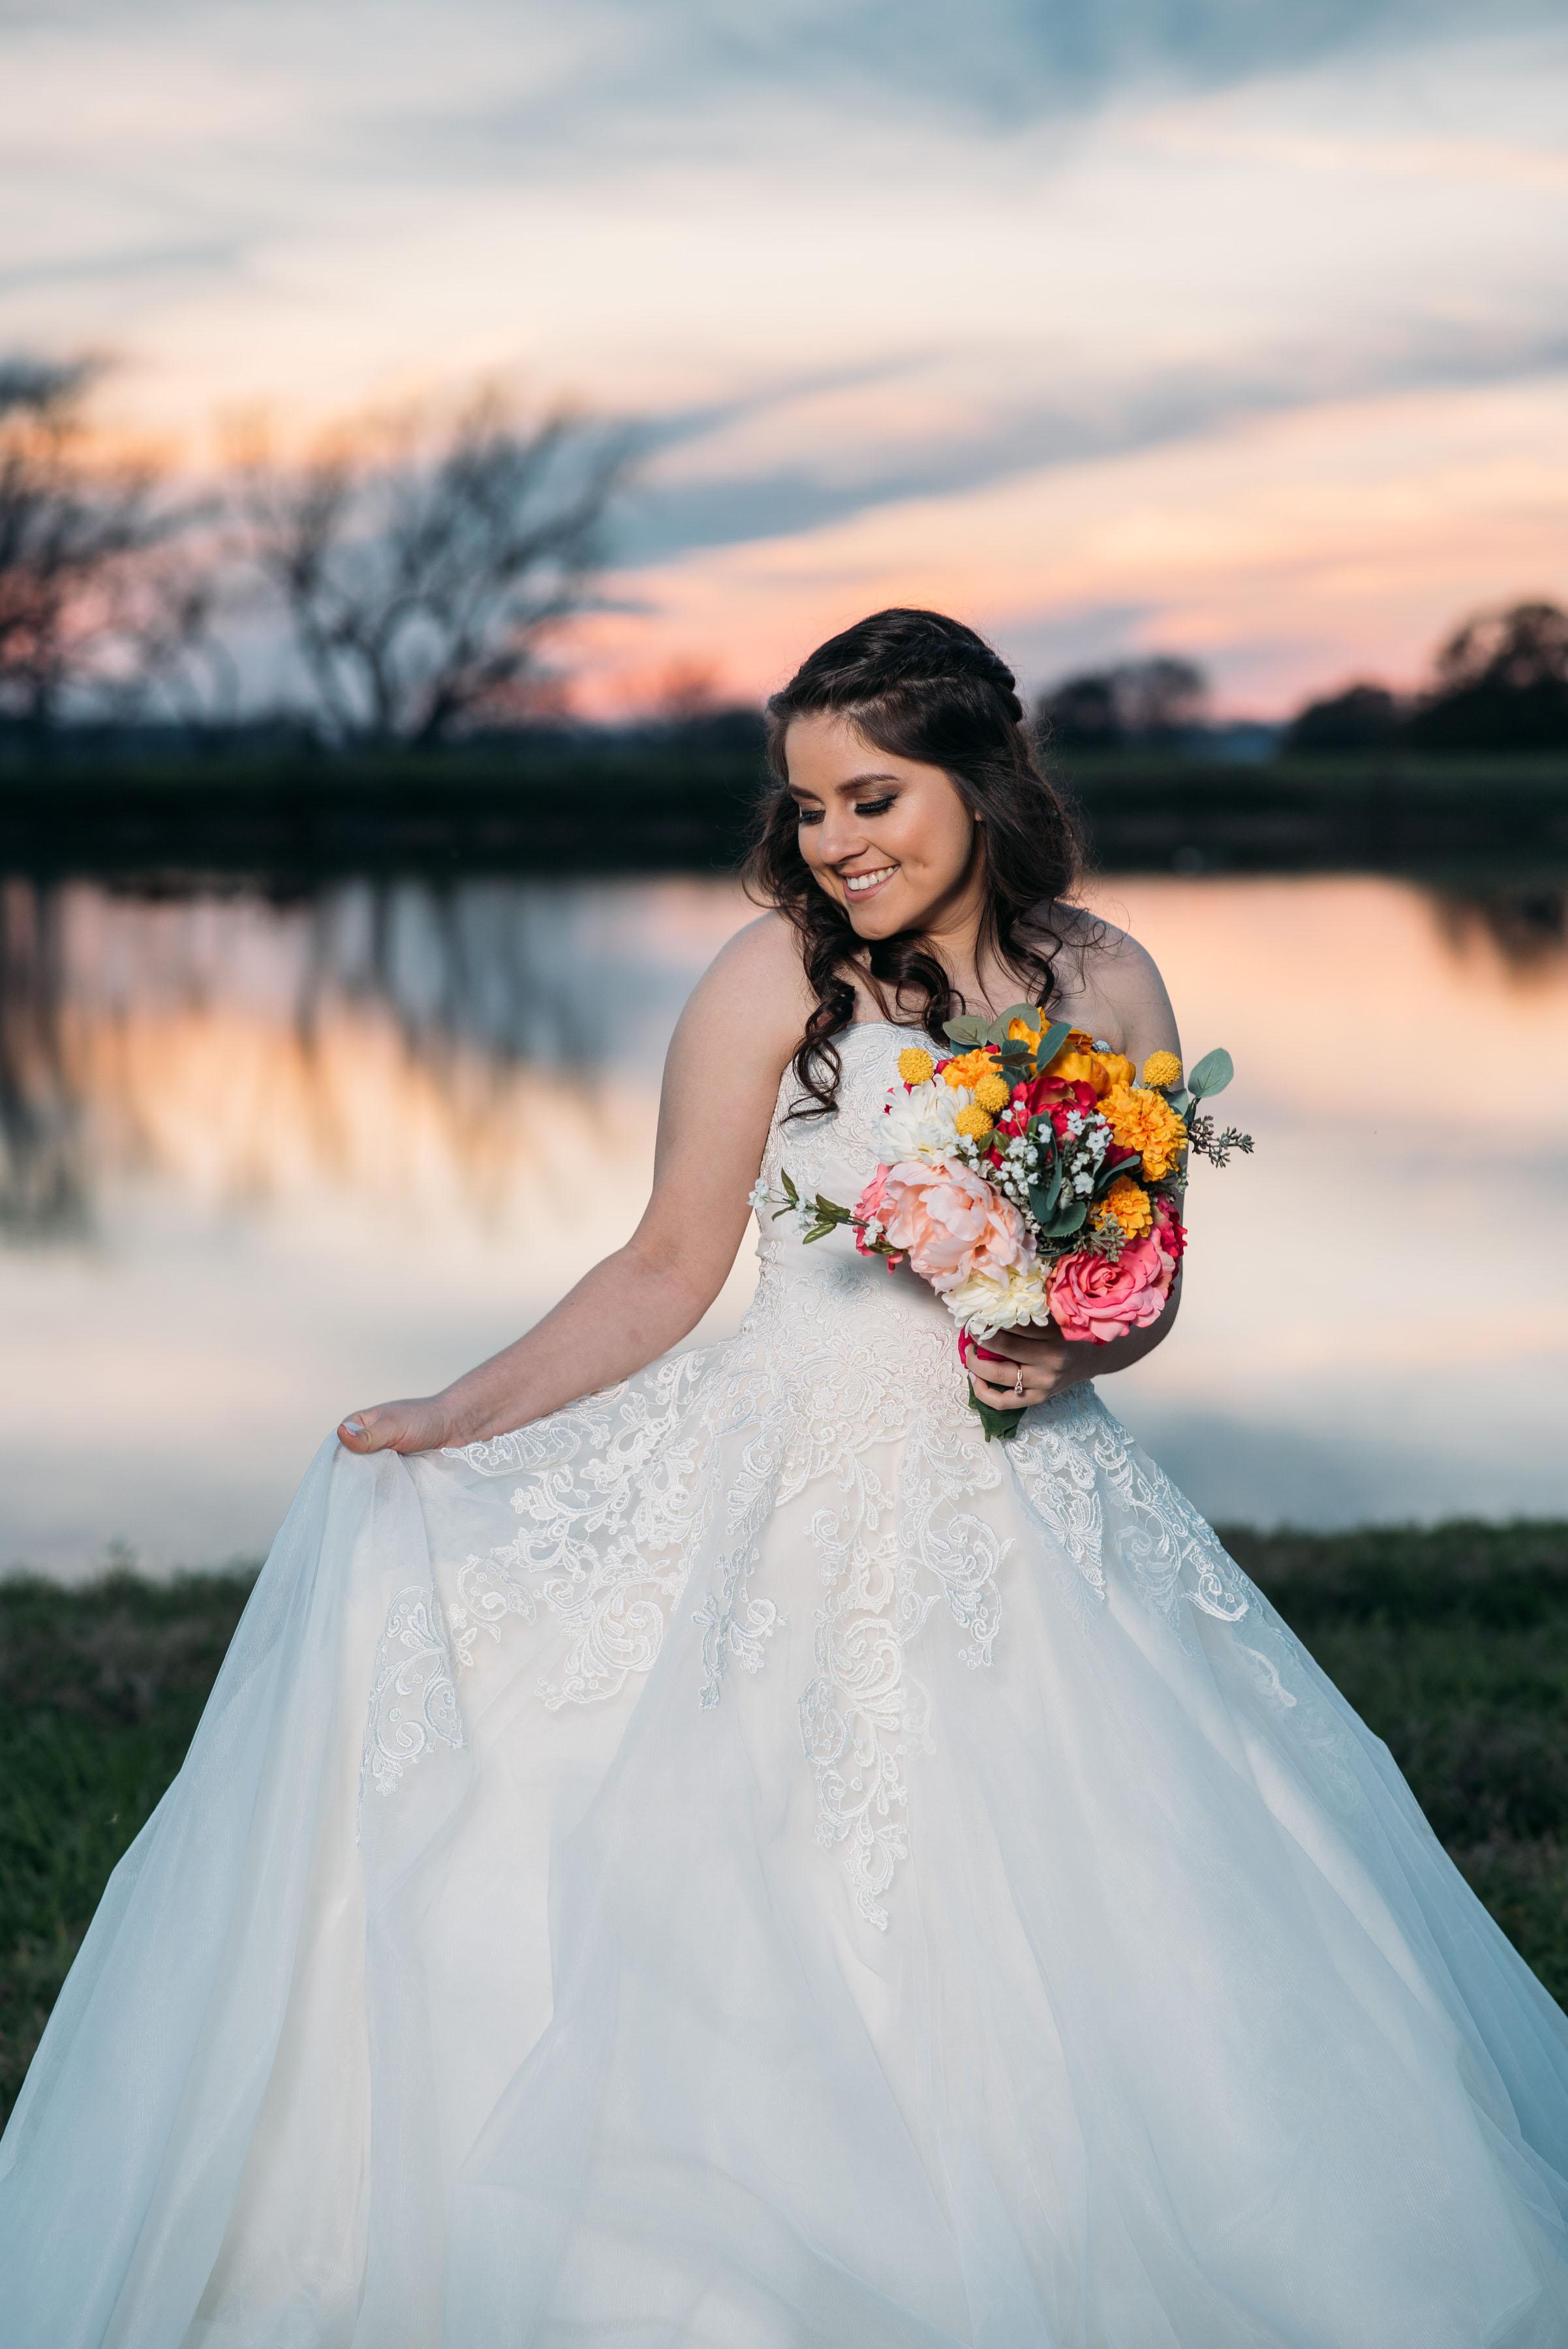 Melissa-Bridals-Aggie-Bride-MooreRanch-12.jpg